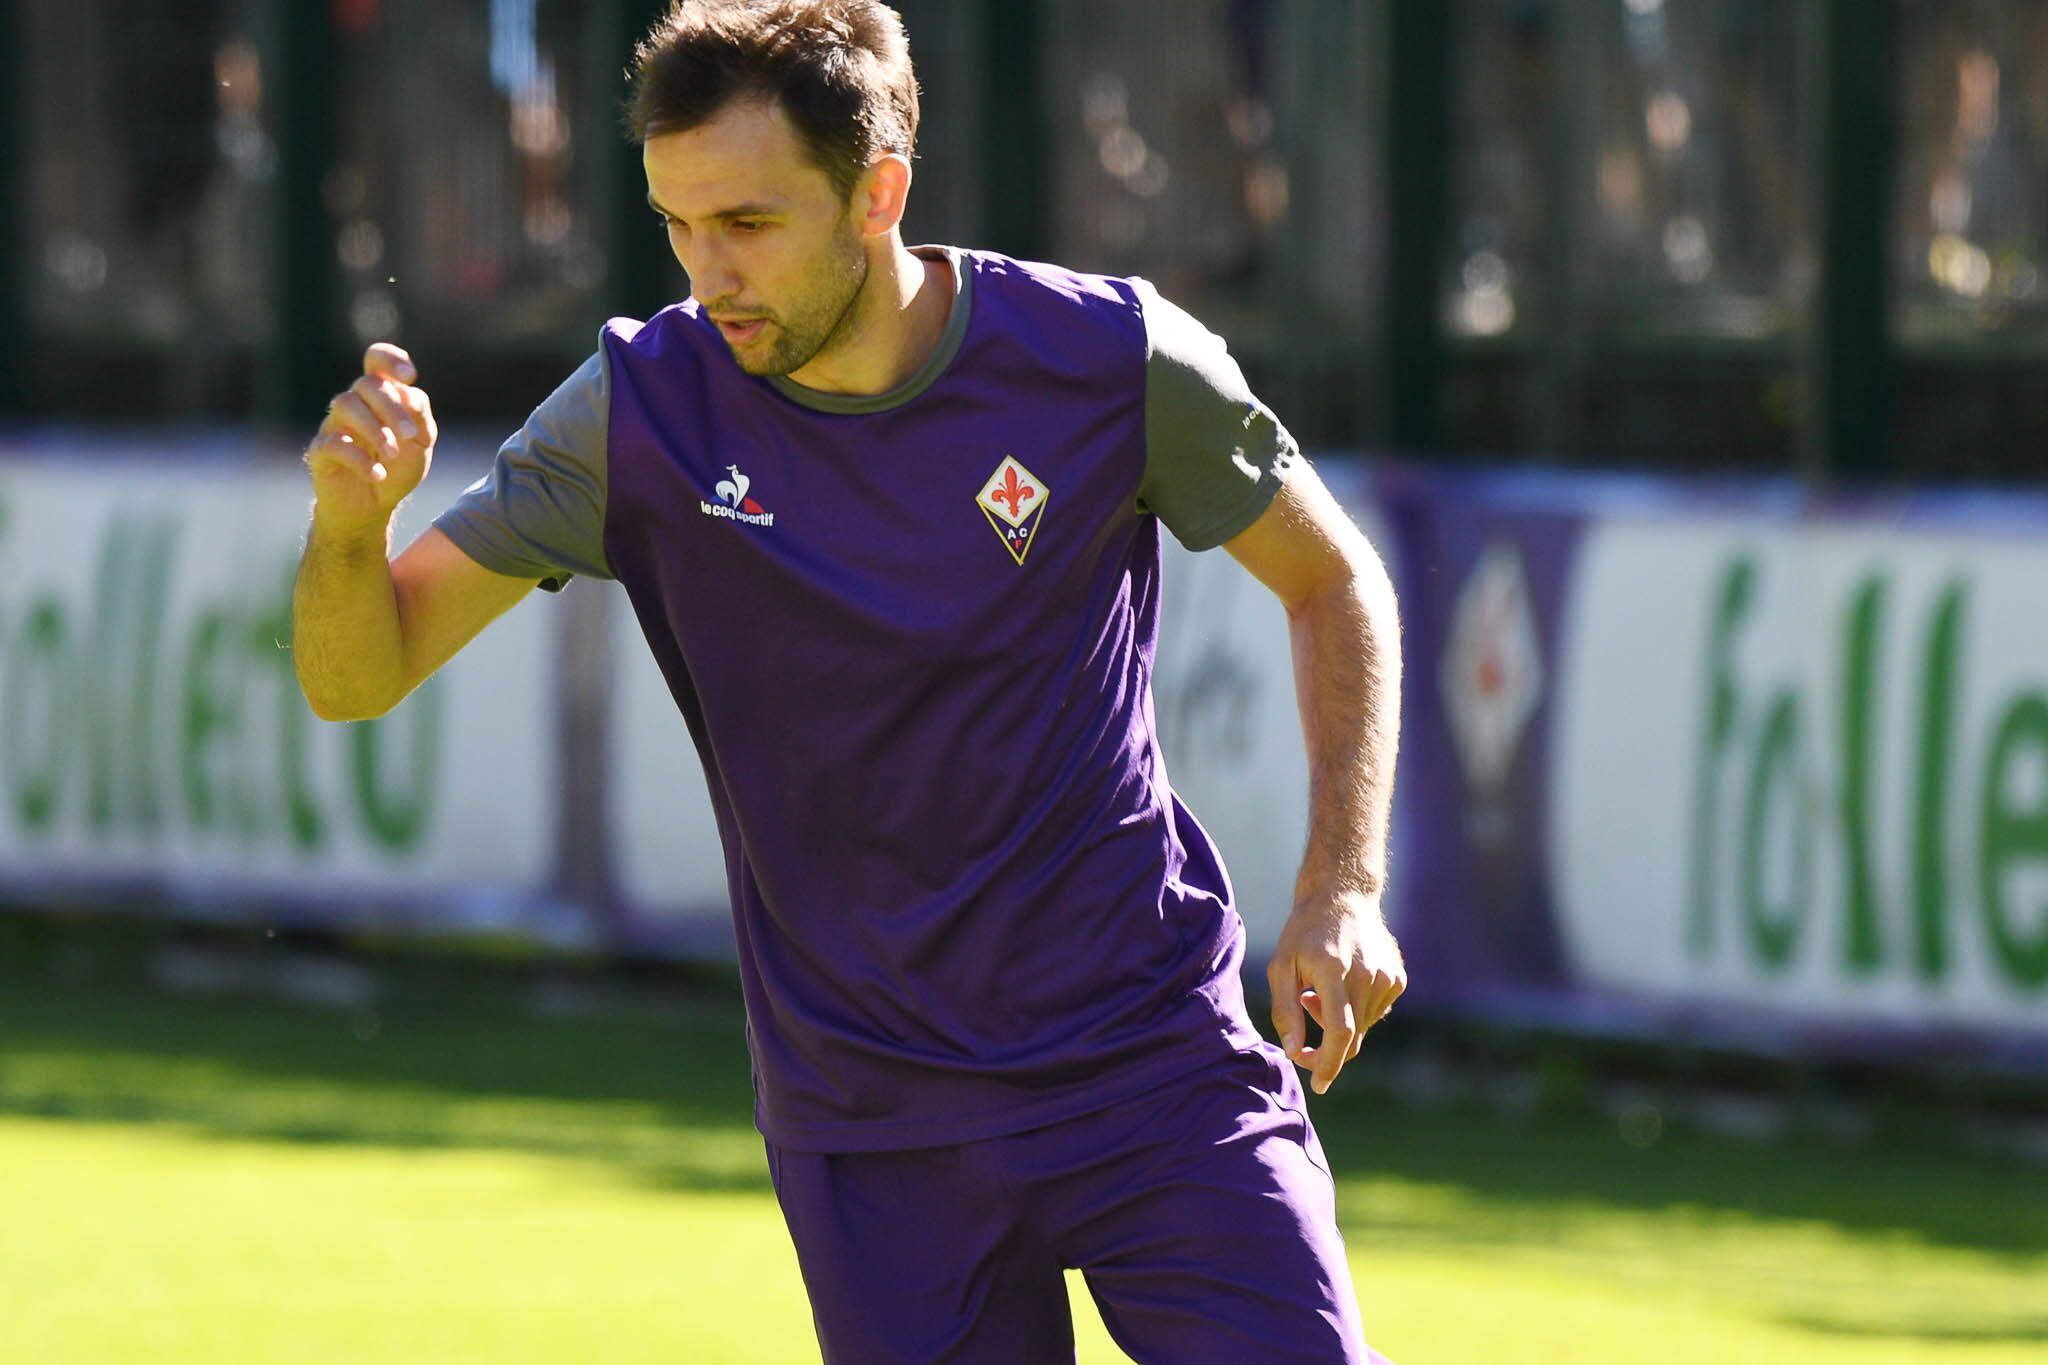 Corriere dello Sport, nonostante sia stato tolto dal mercato il Milan vuole offrire 8 milioni per Badelj